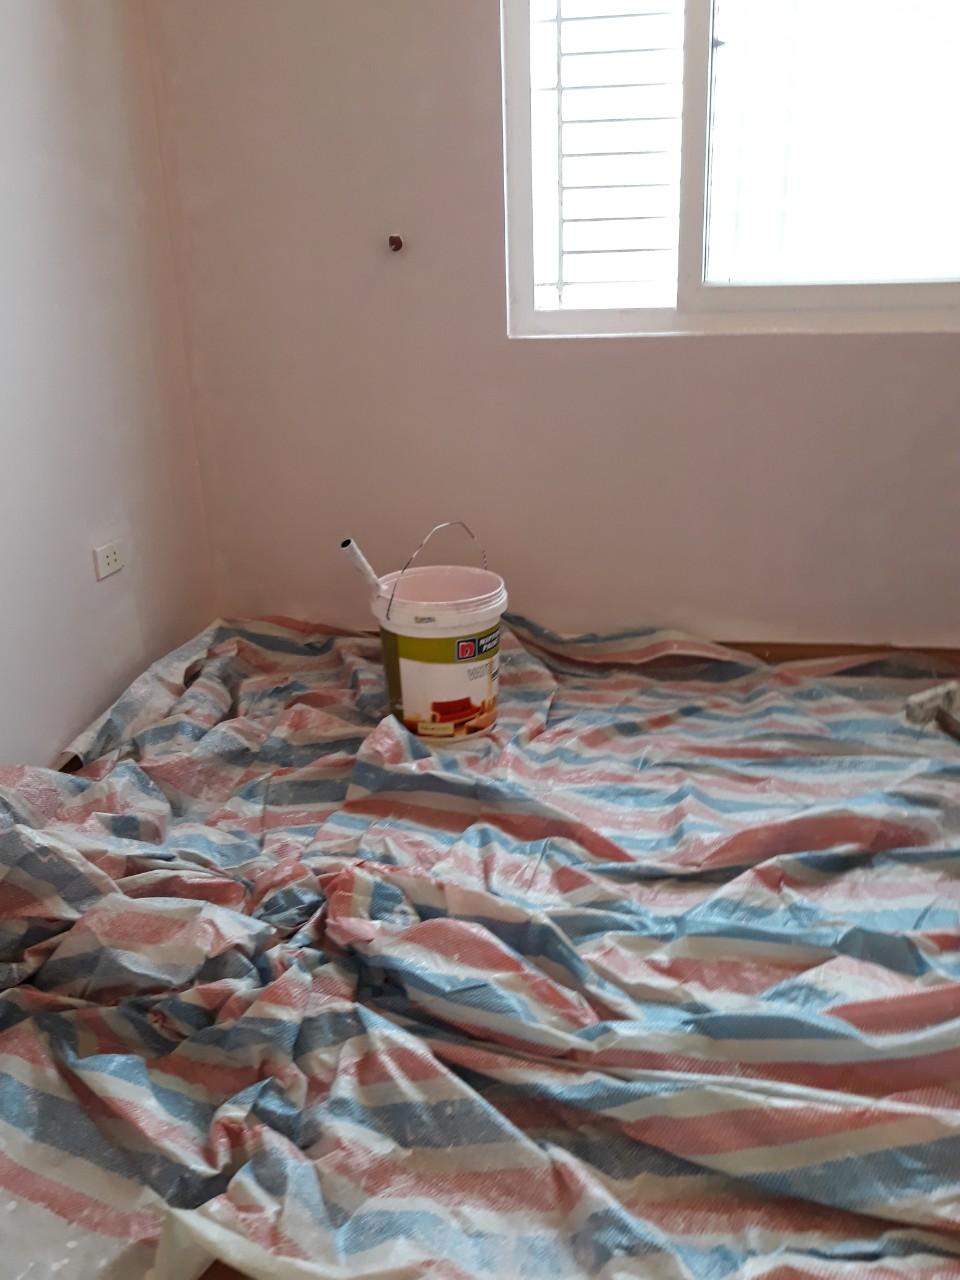 Thuê thợ sơn tường trọn gói tại Hà Nội